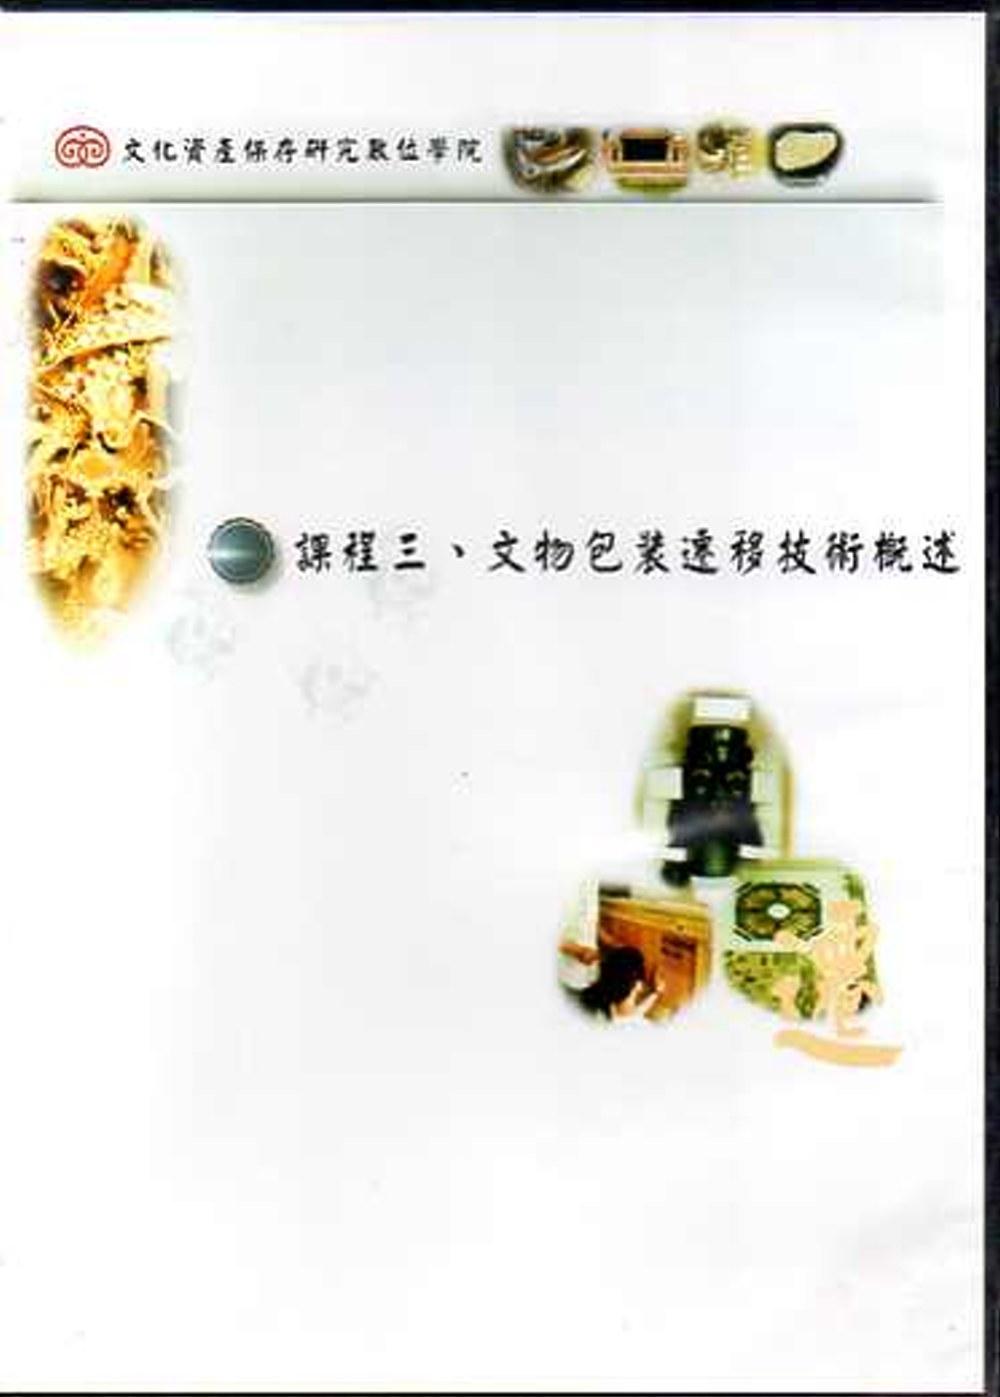 文化資產保存研究 學院課程三.文物包裝遷移技術概(DVD)